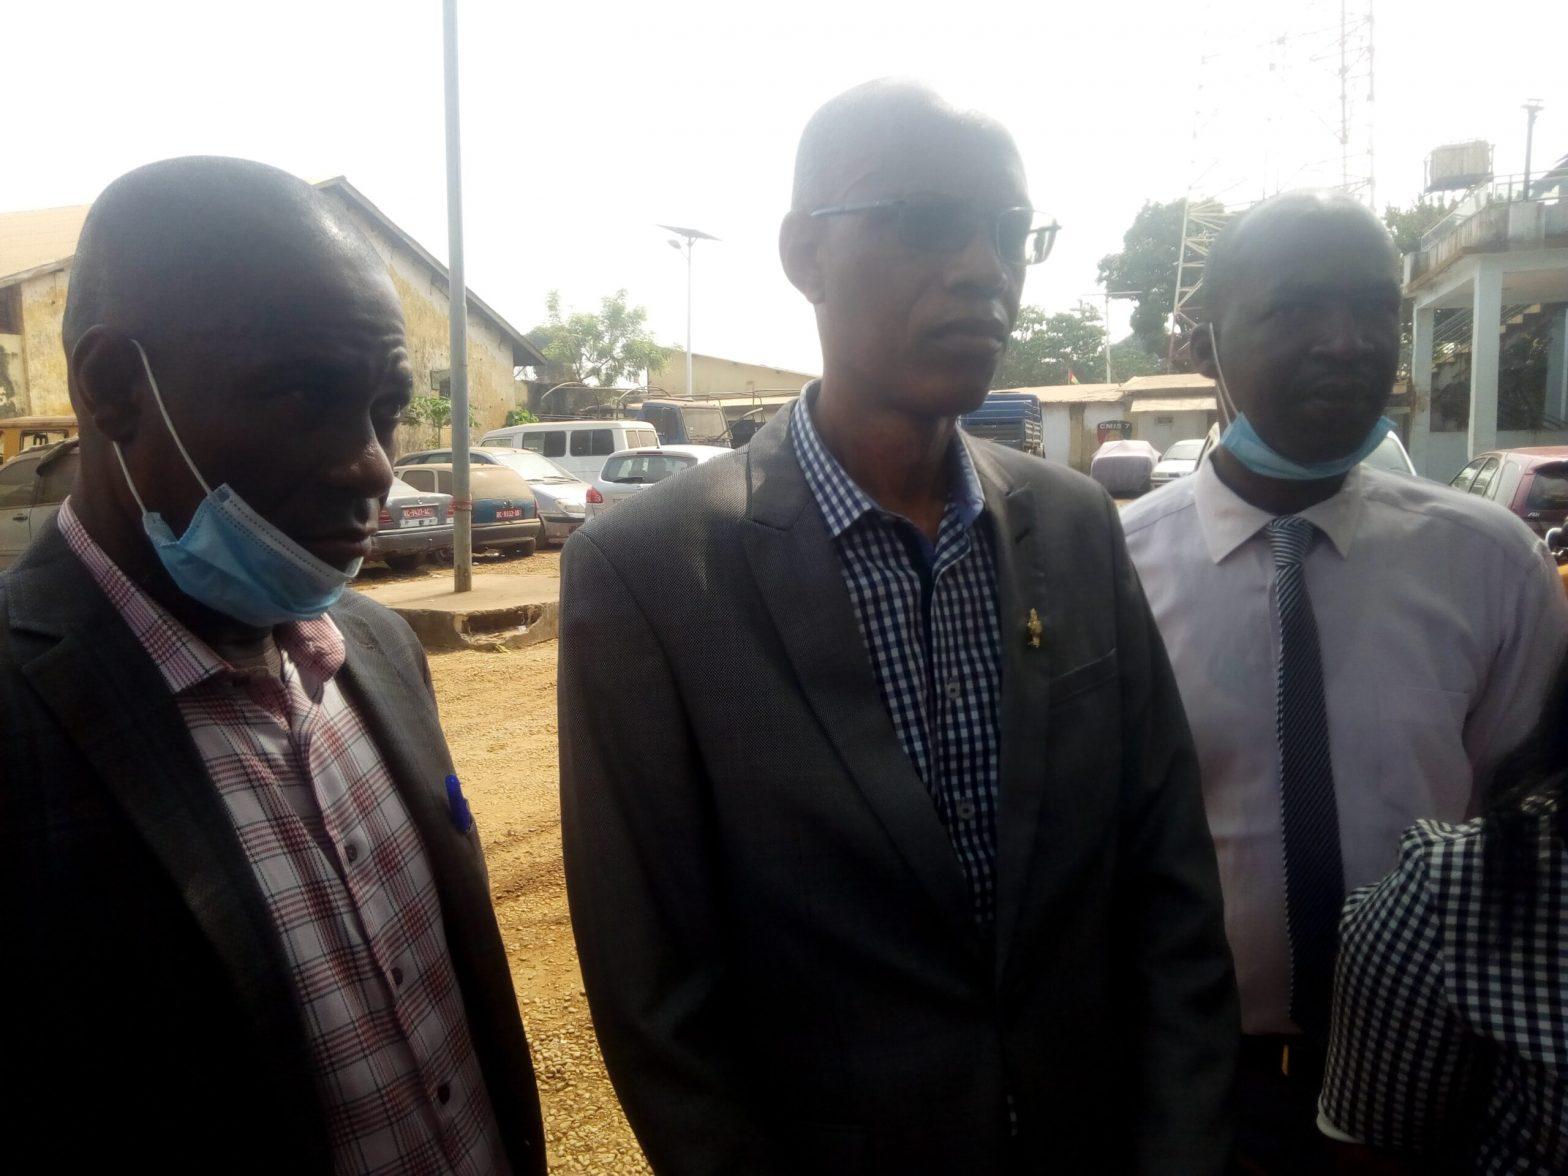 Maison centrale  les avocats des détenus politiques interdits de rencontrer leurs clients(guineenews.org)